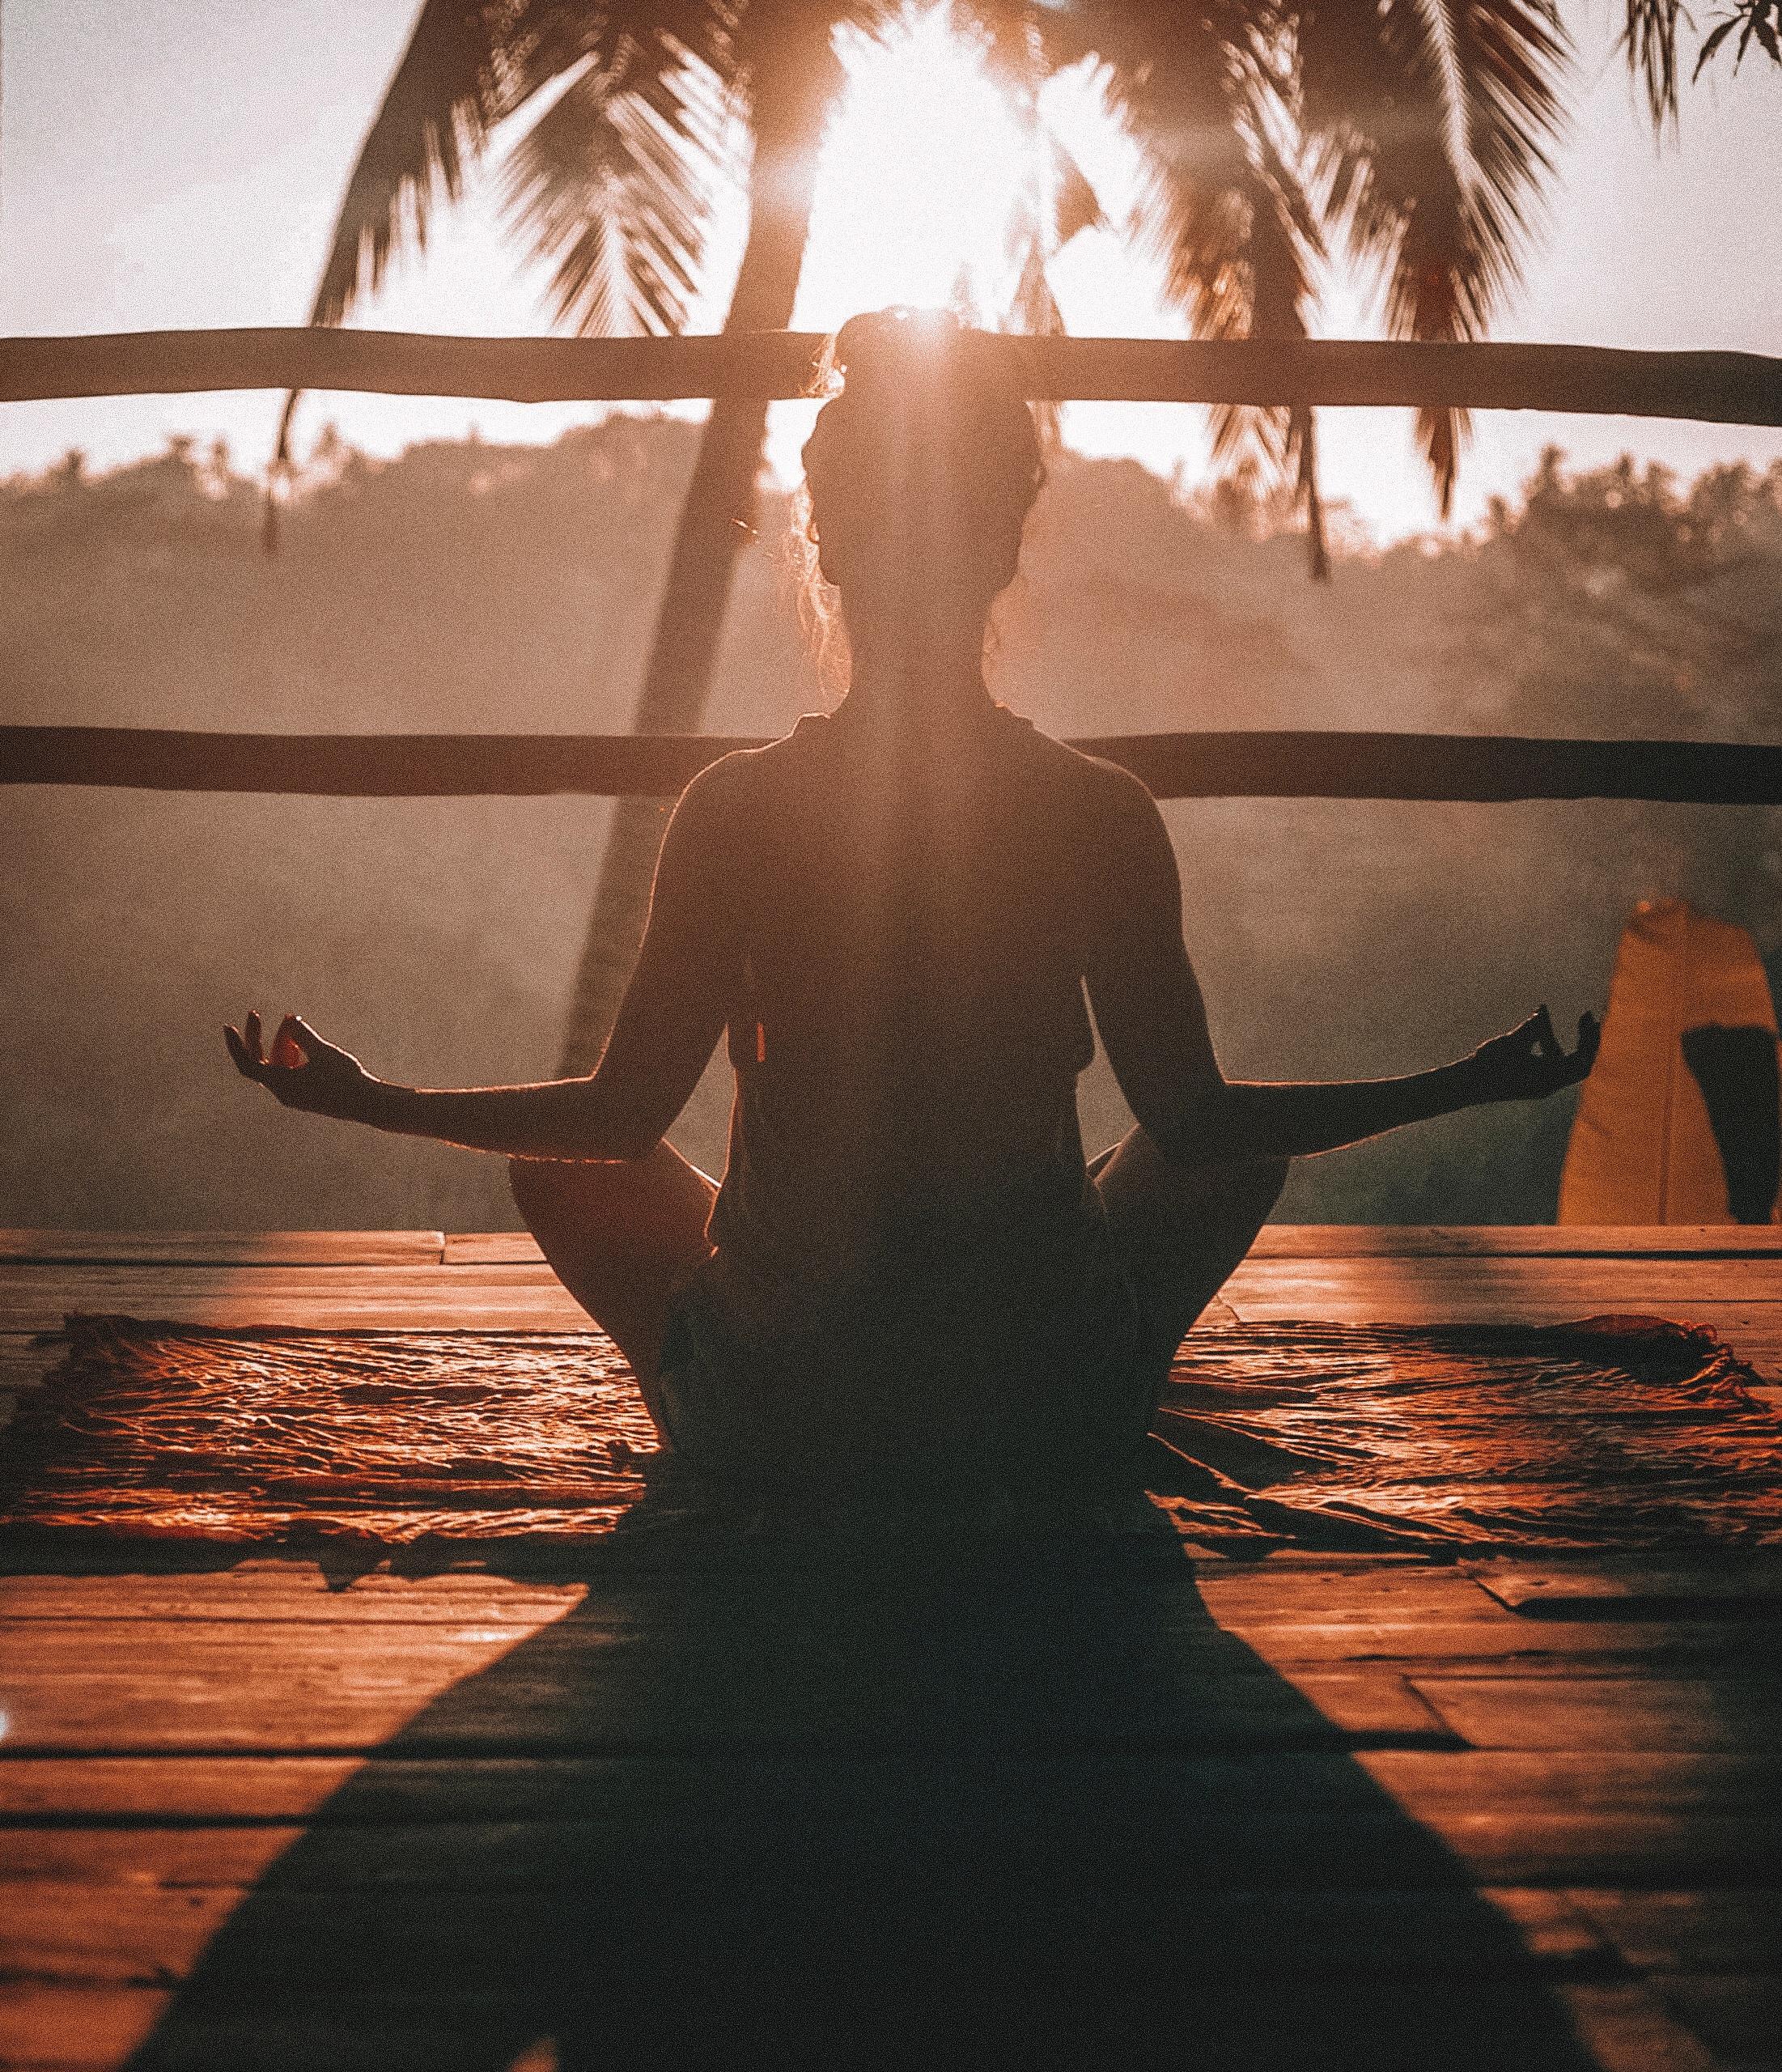 vrouw in meditatiehouding in de zon yoga palmboom meditatie